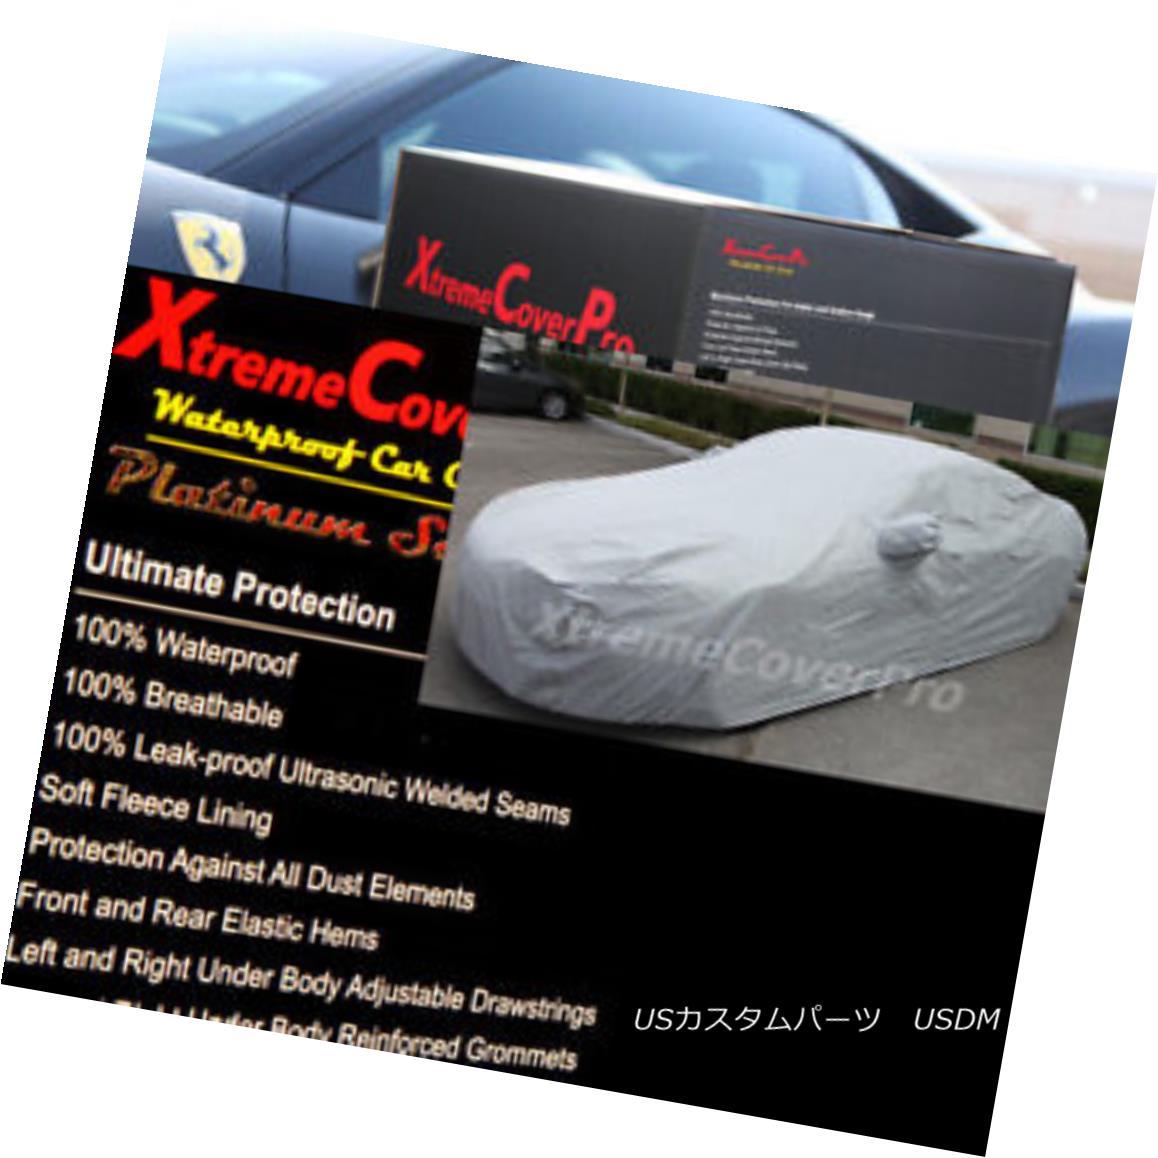 カーカバー 2008 2009 2010 2011 Ford Focus Sedan Waterproof Car Cover w/MirrorPocket 2008年2009年2010年2011フォードフォーカスセダン防水カーカバー付きMirrorPocket